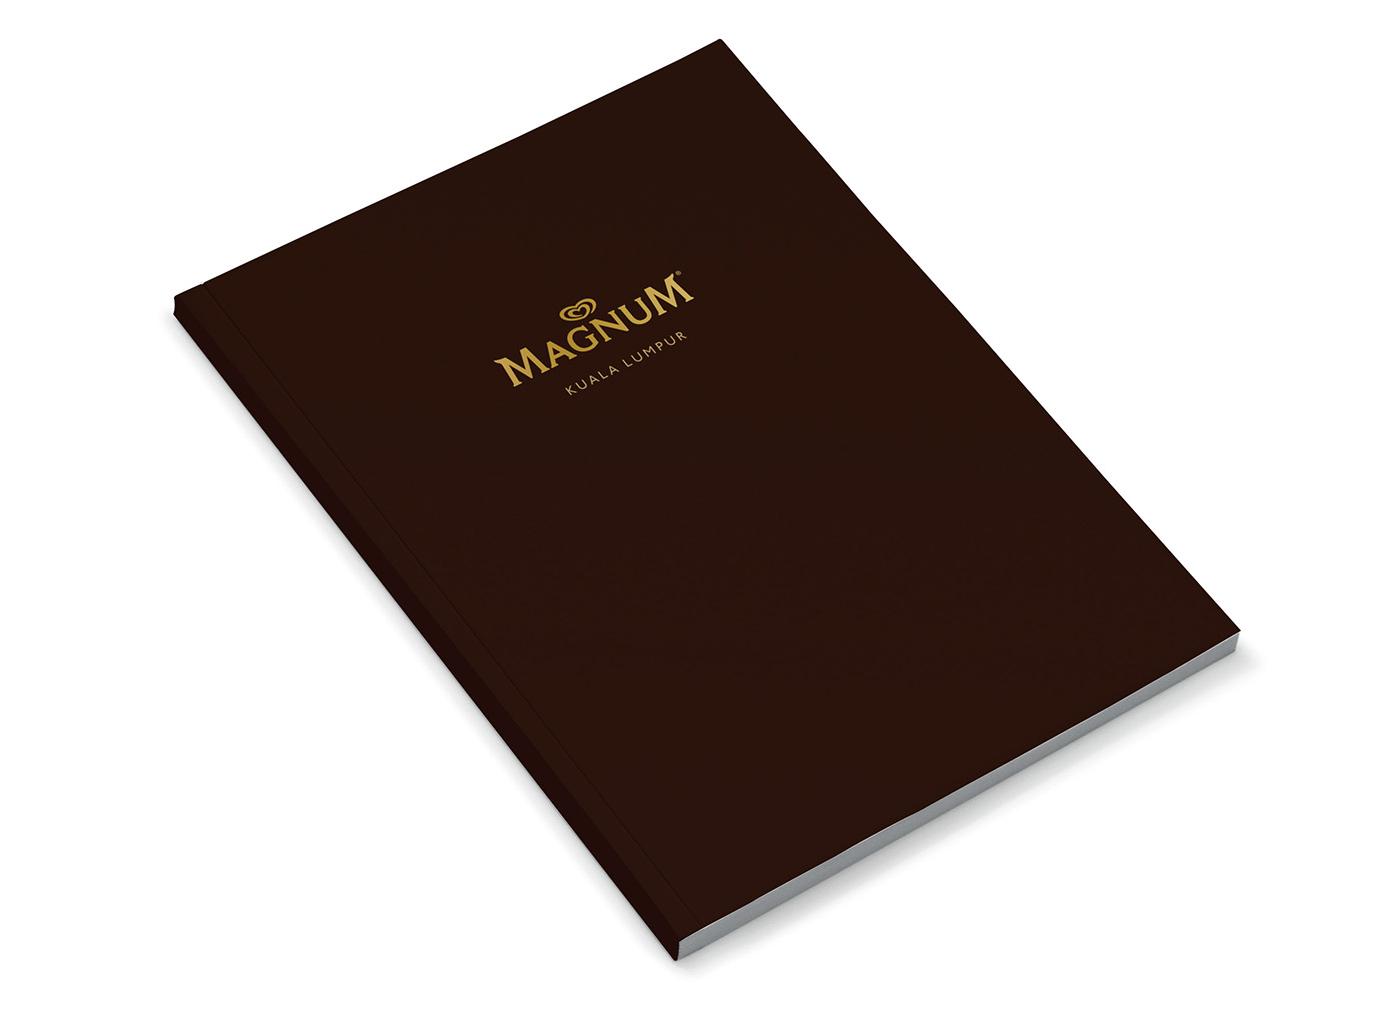 Magnum Pleasure Store menu design cover.